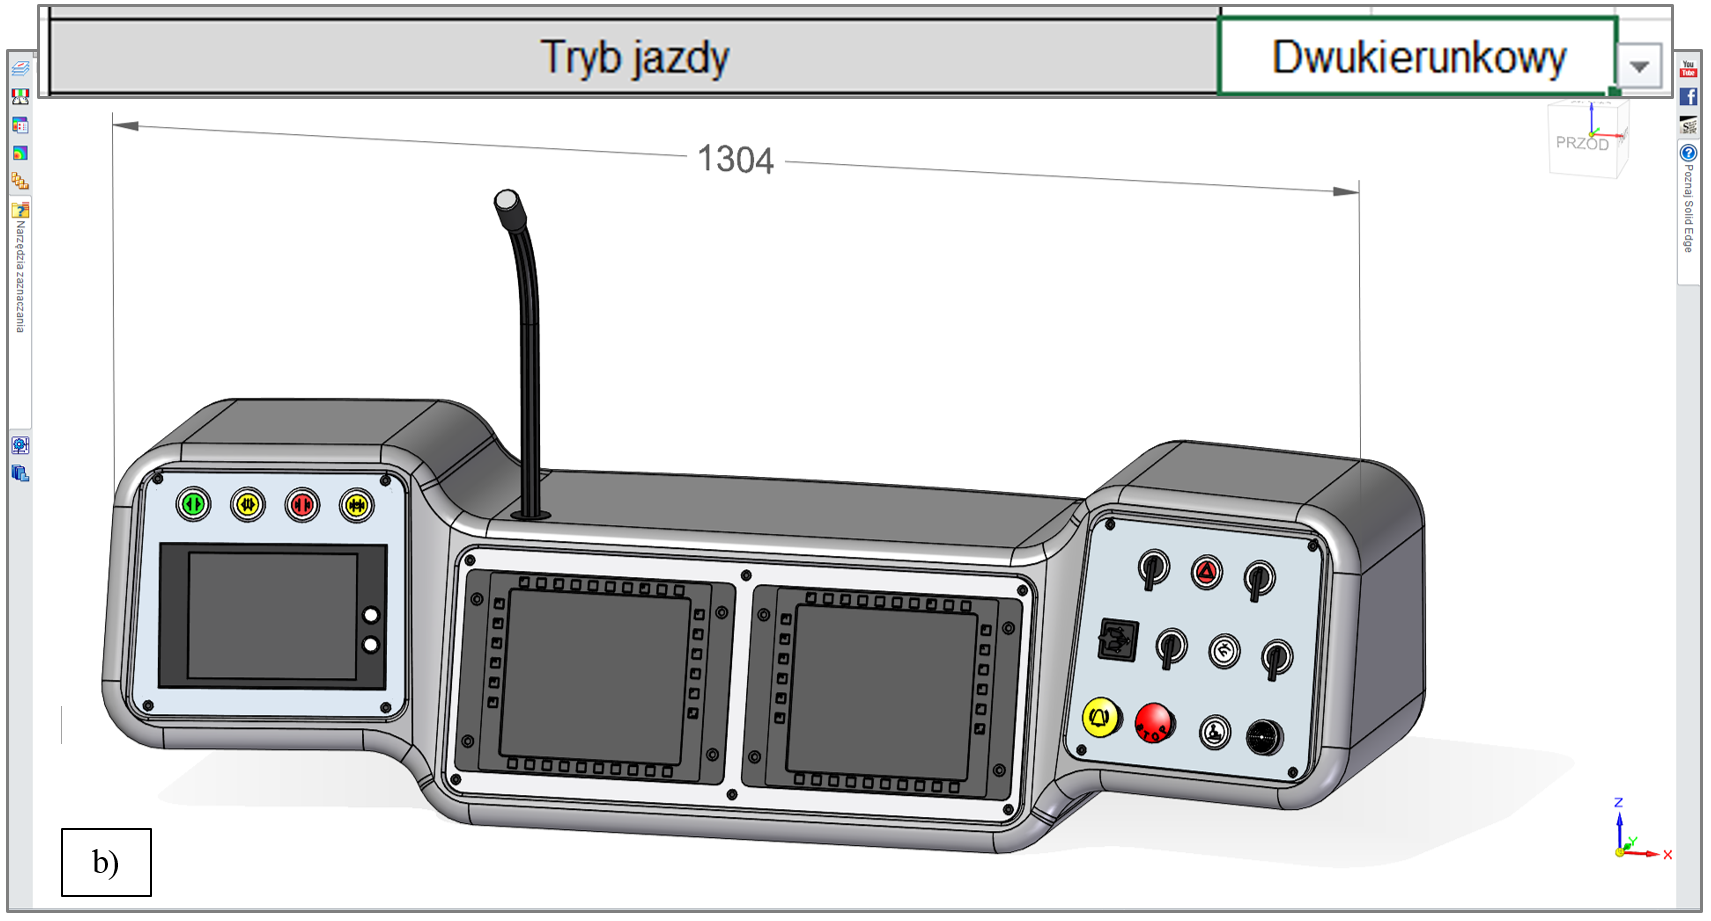 Wartość wymiaru X modelu pulpitu, zależna od wybranego trybu jazdy tramwaju